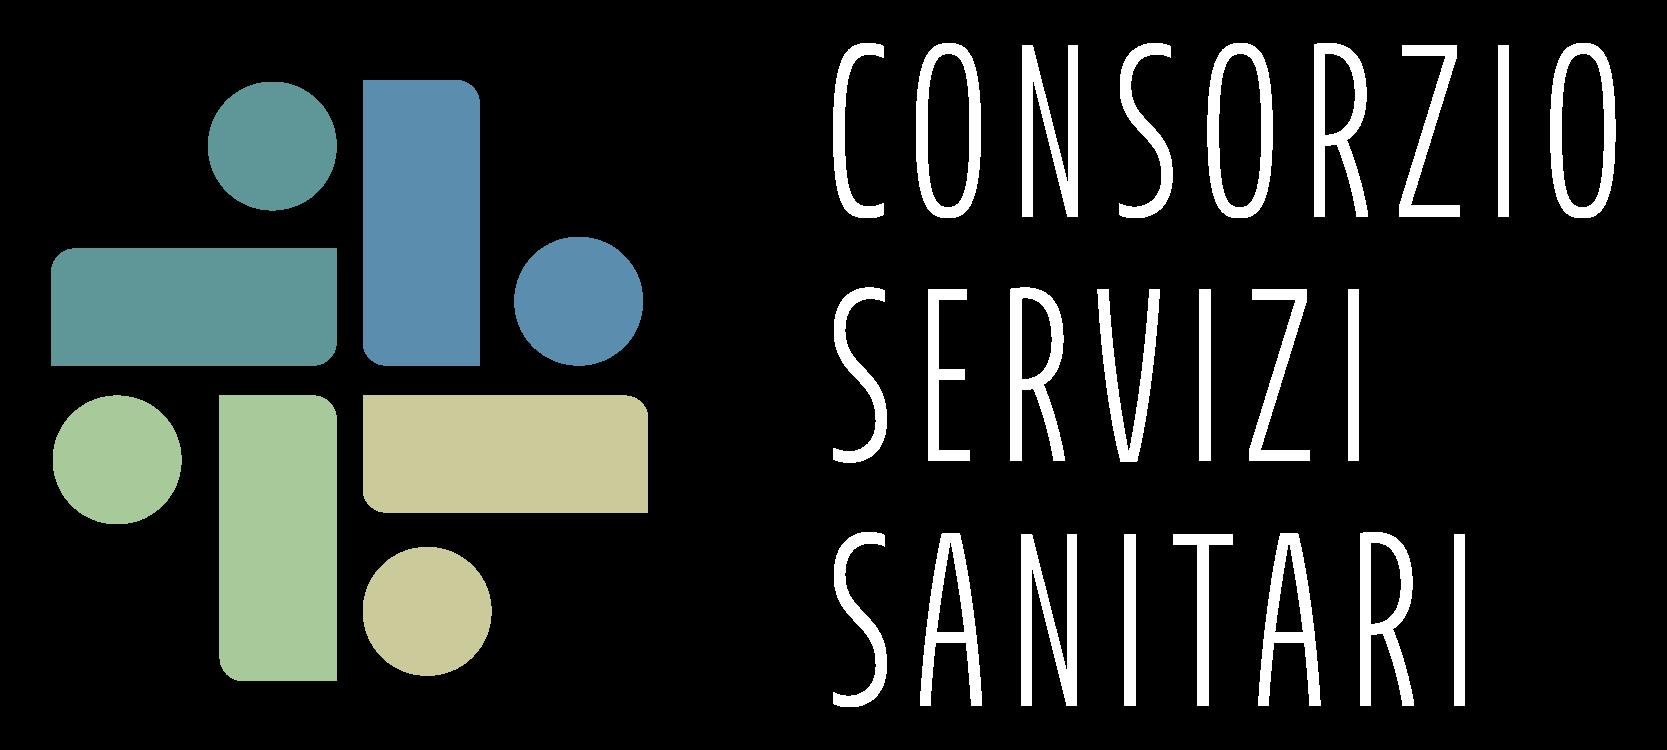 Consorzio Servizi Sanitari